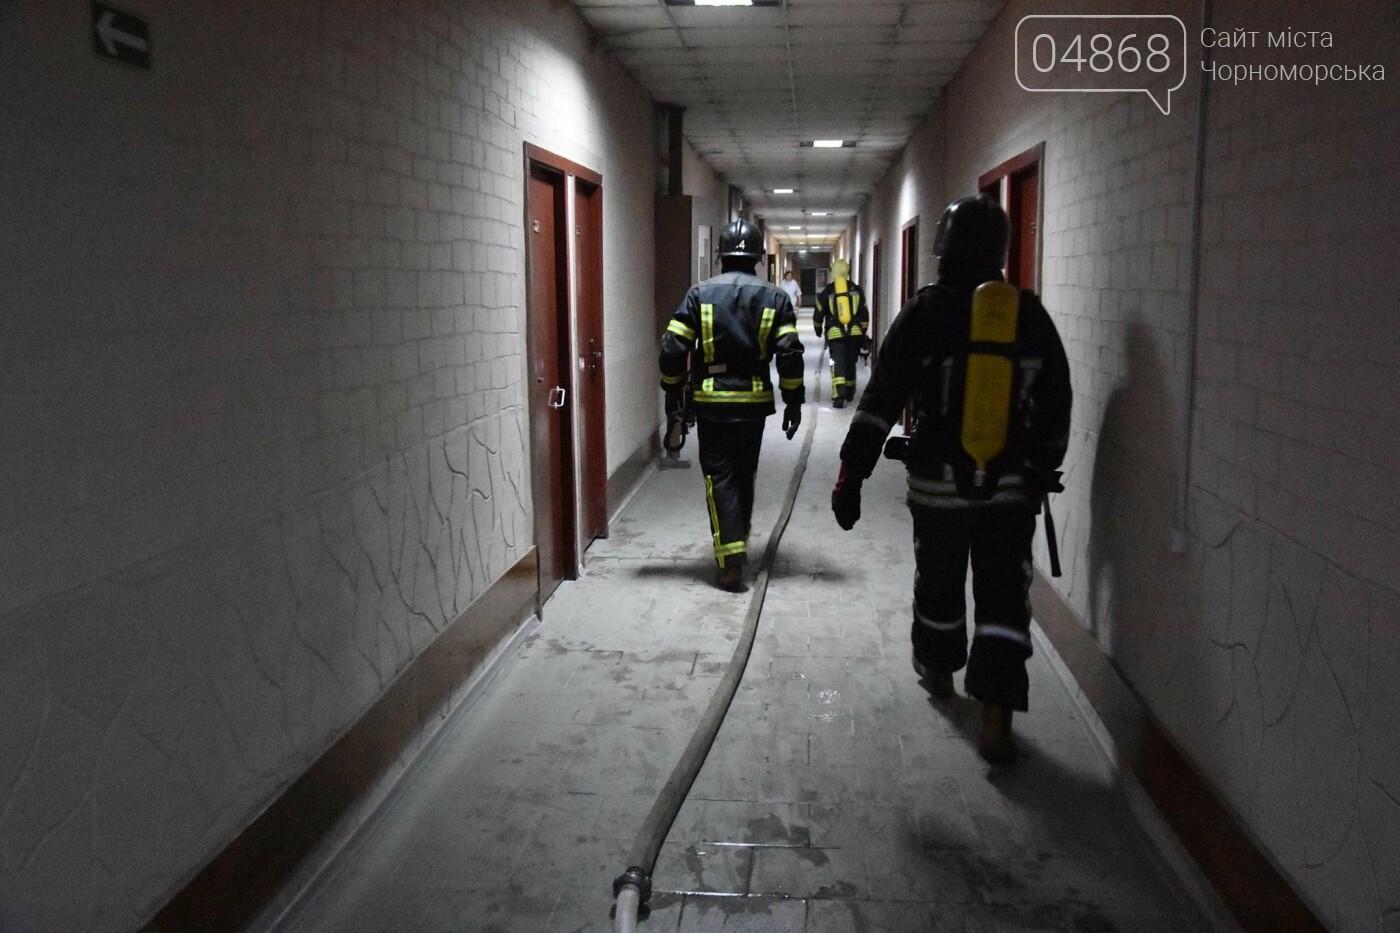 В результате пожара в санатории на Куяльнике пострадал мужчина с инвалидностью, фото-2